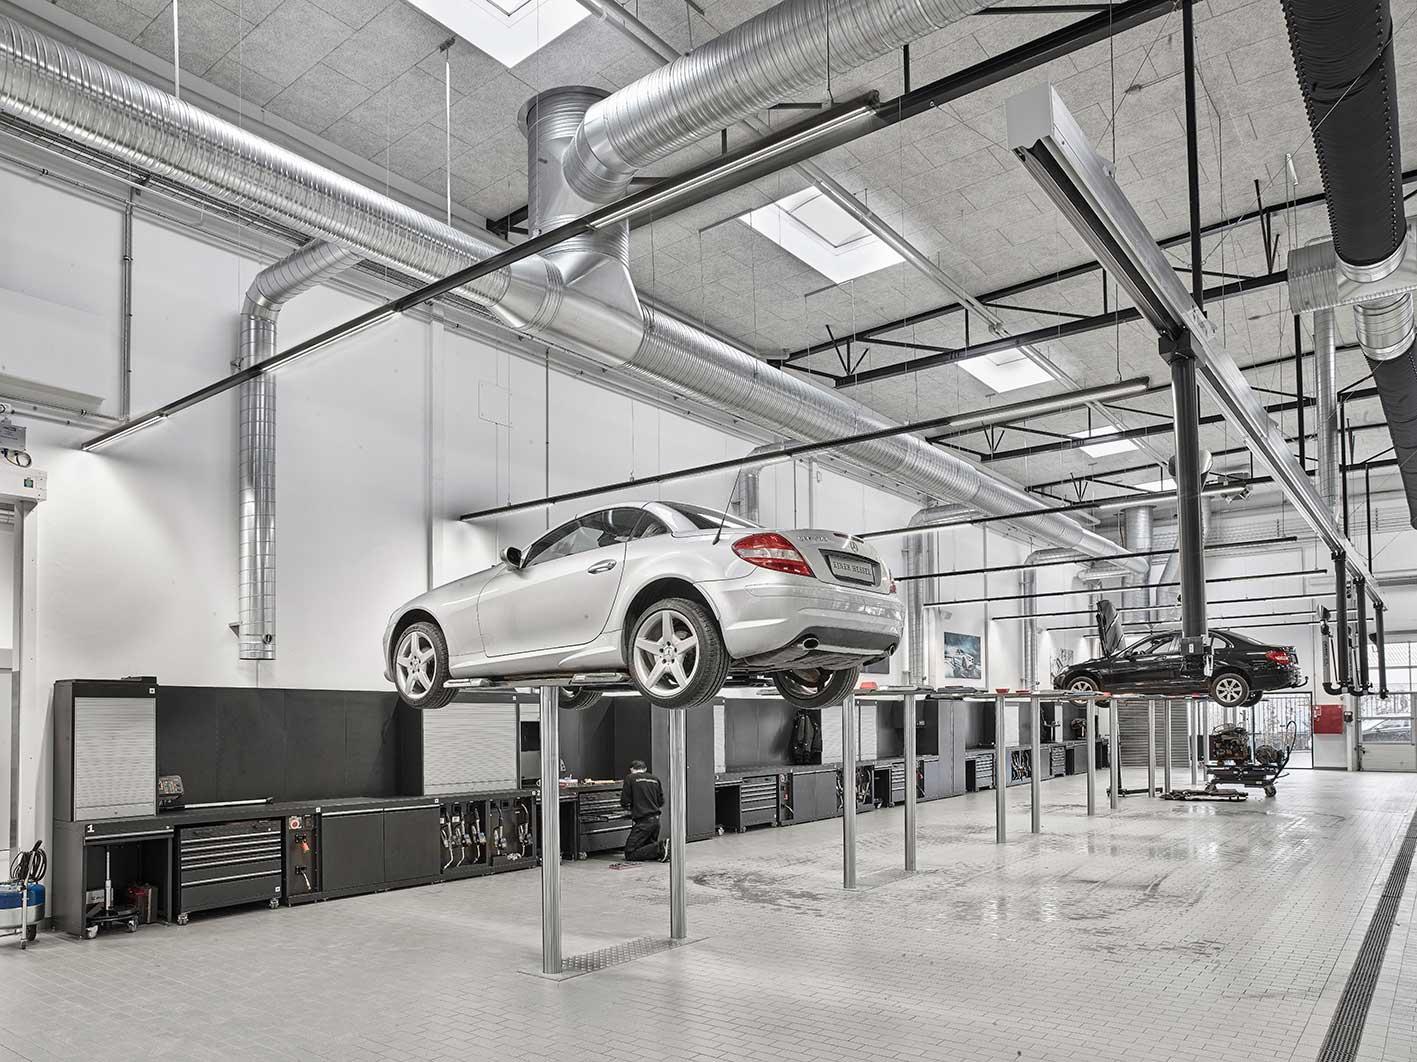 Linia indsats monteret i skinnesystem nedhængt fra loft på værksted RIDI produkt - Luminex